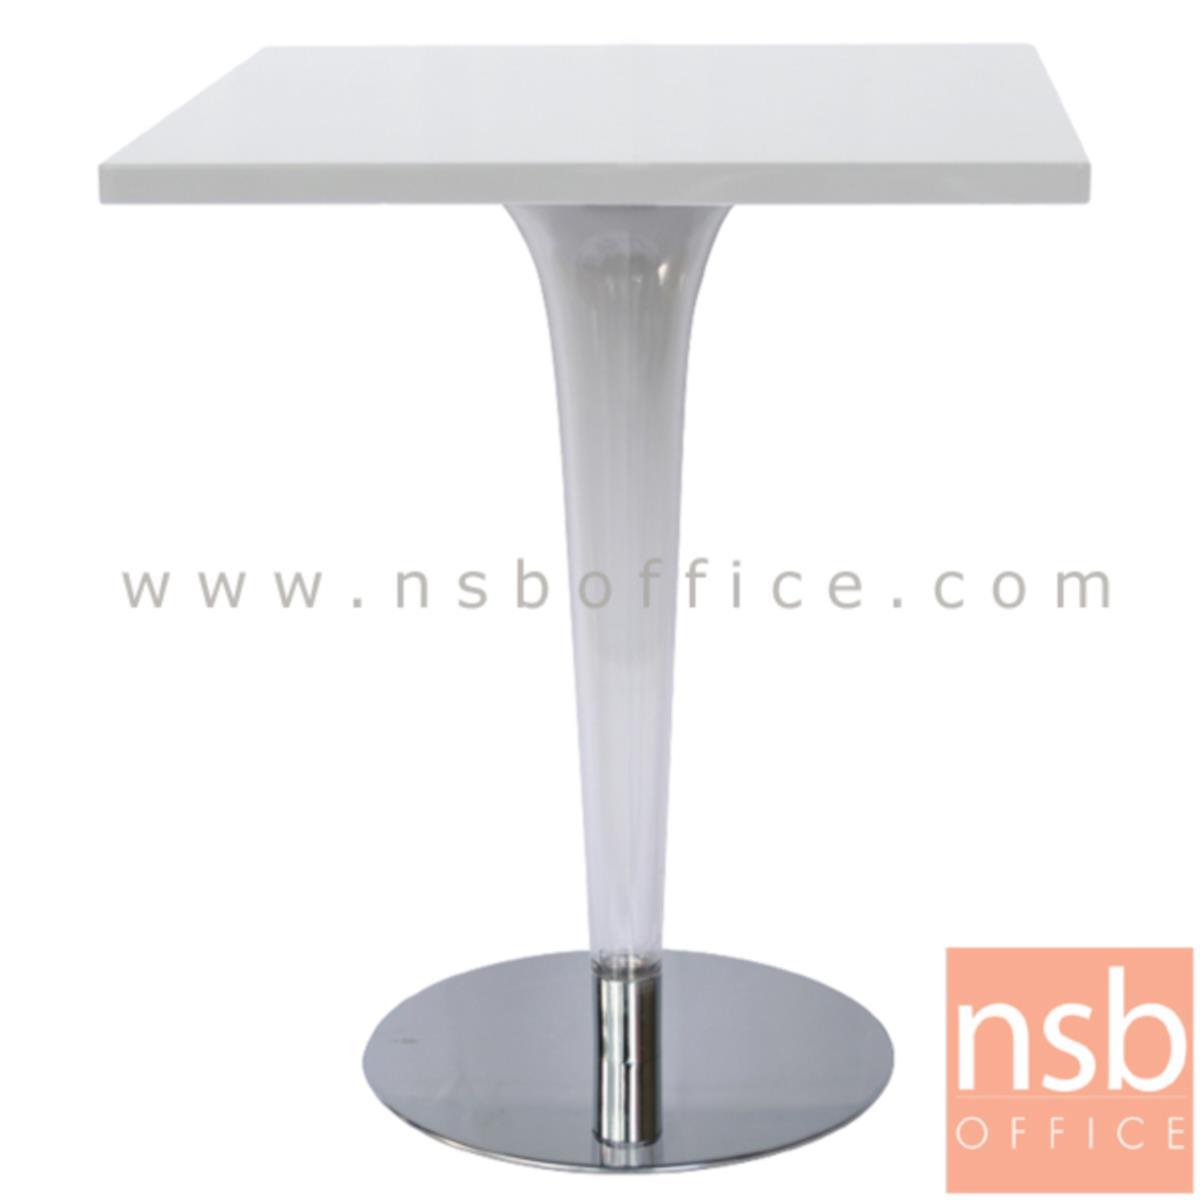 A14A180:โต๊ะหน้าพลาสติก รุ่น NPT-4066H ขนาด 60W cm.  ขาเหล็กจานกลมชุบโครเมี่ยม